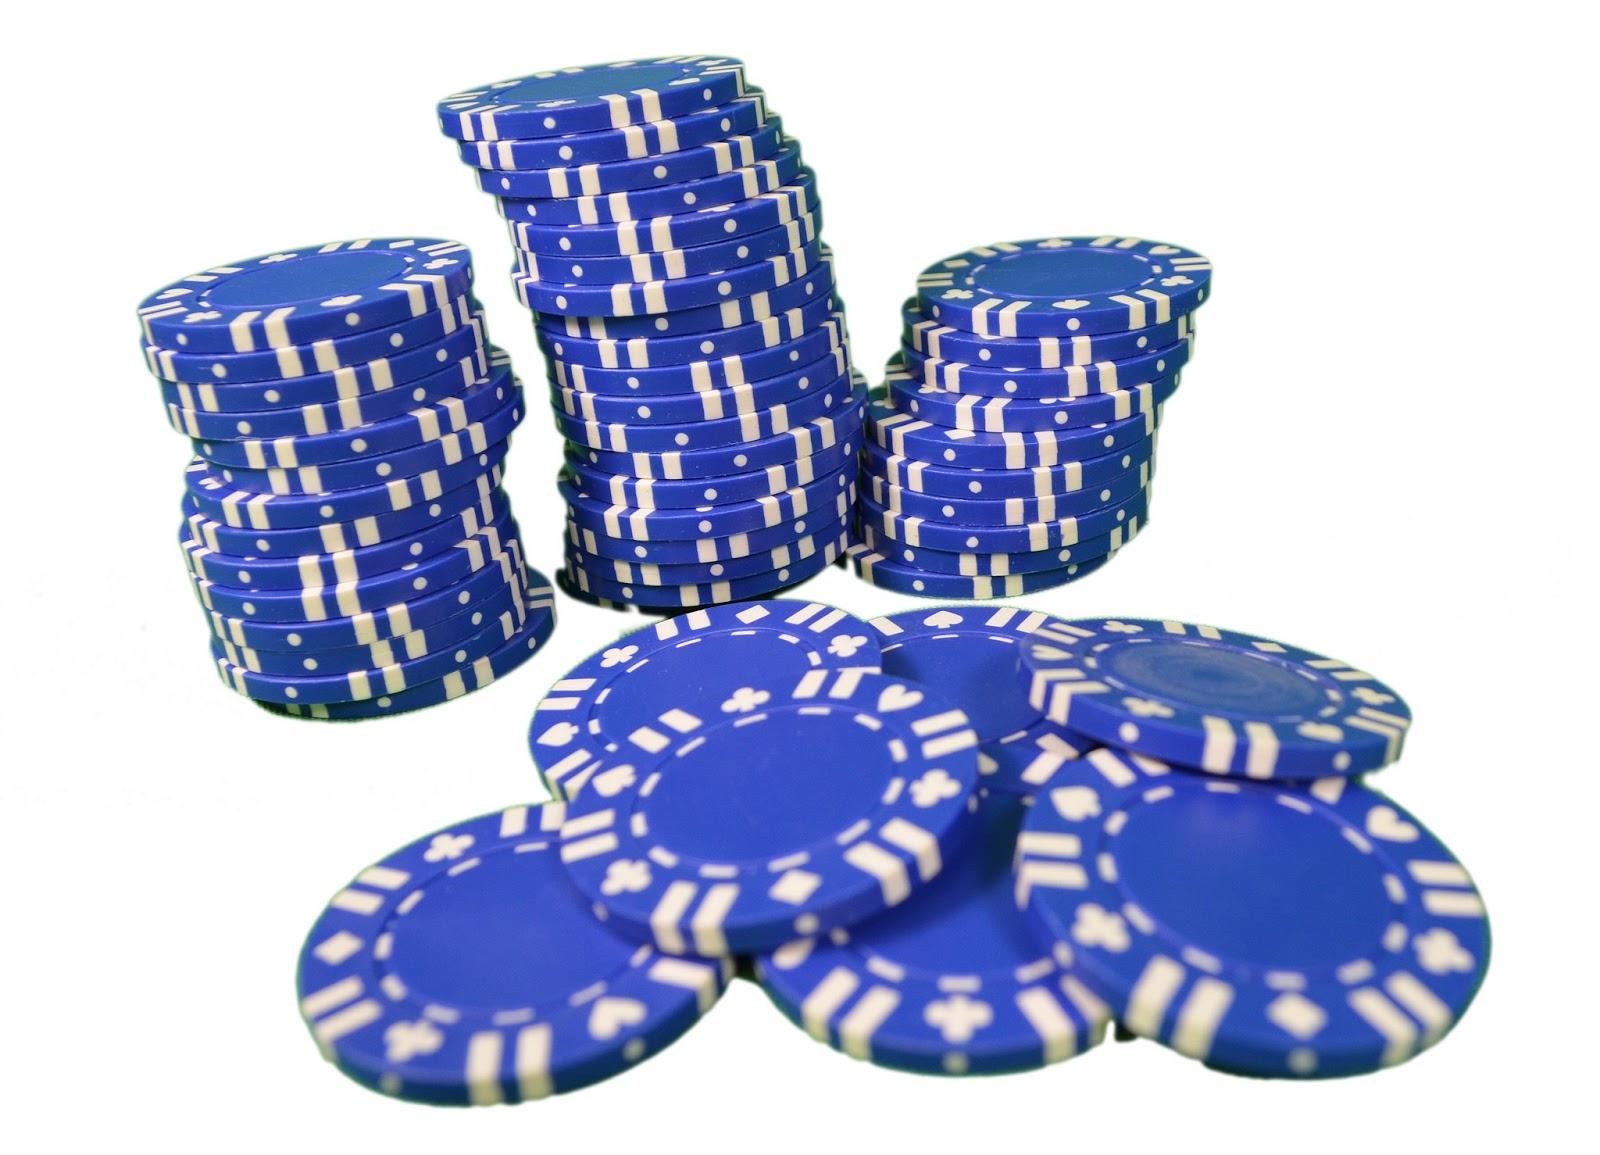 US blue chips